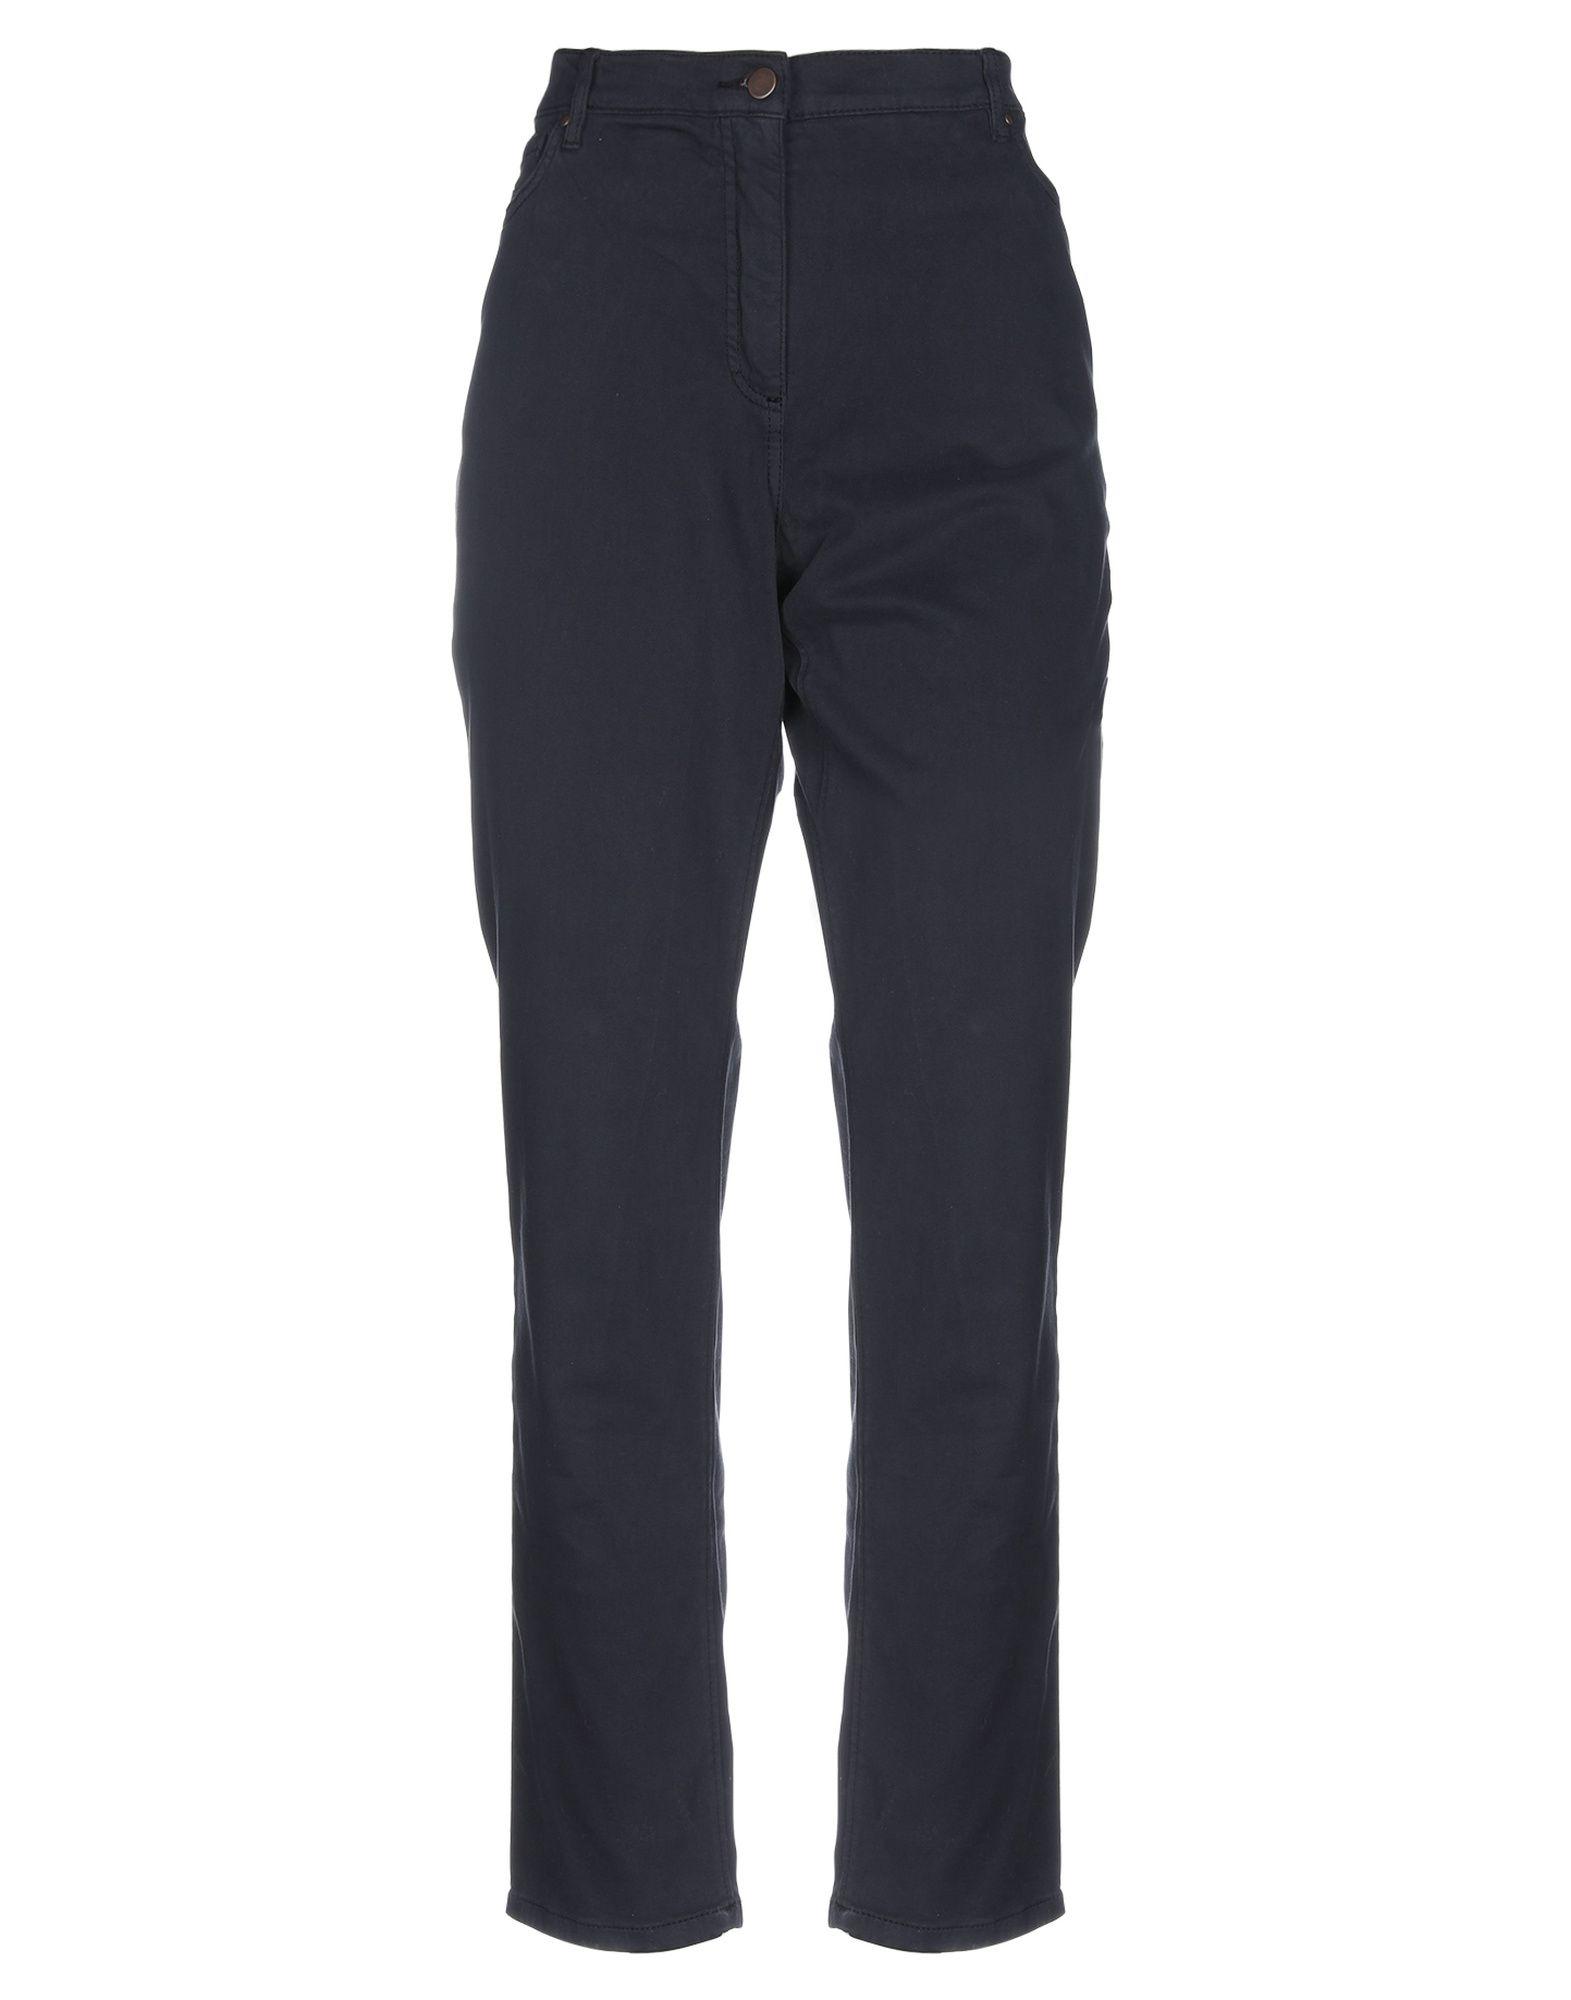 BETTY BARCLAY Повседневные брюки брюки betty barclay брюки стрейч